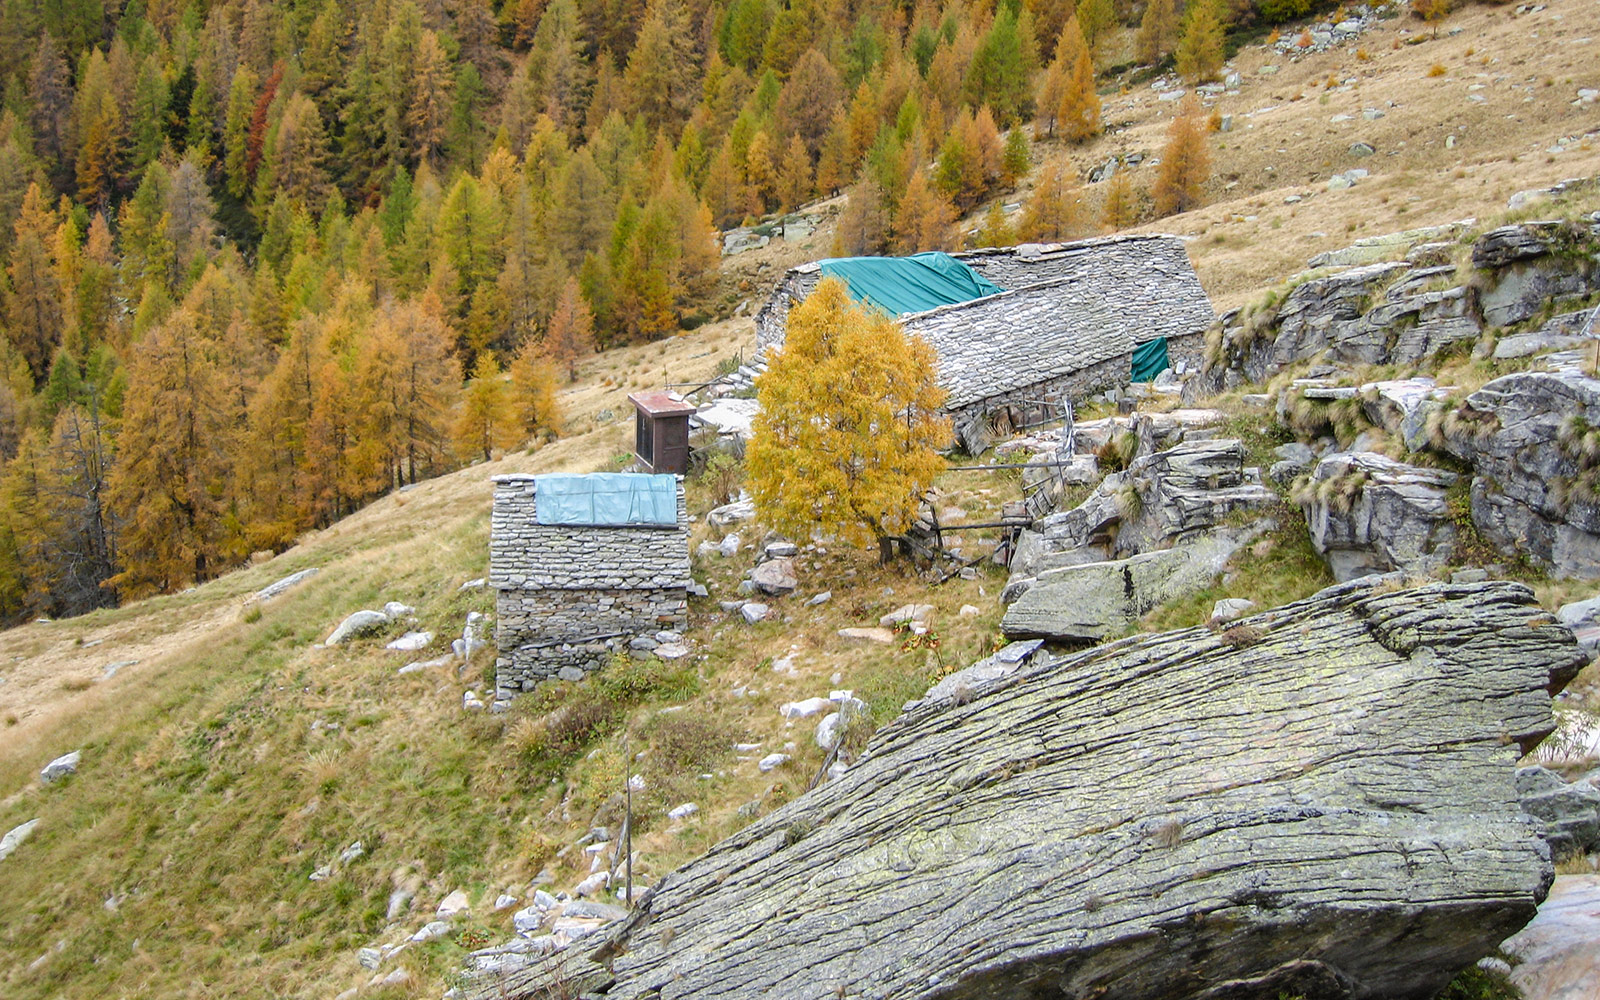 Alpe Sgiov